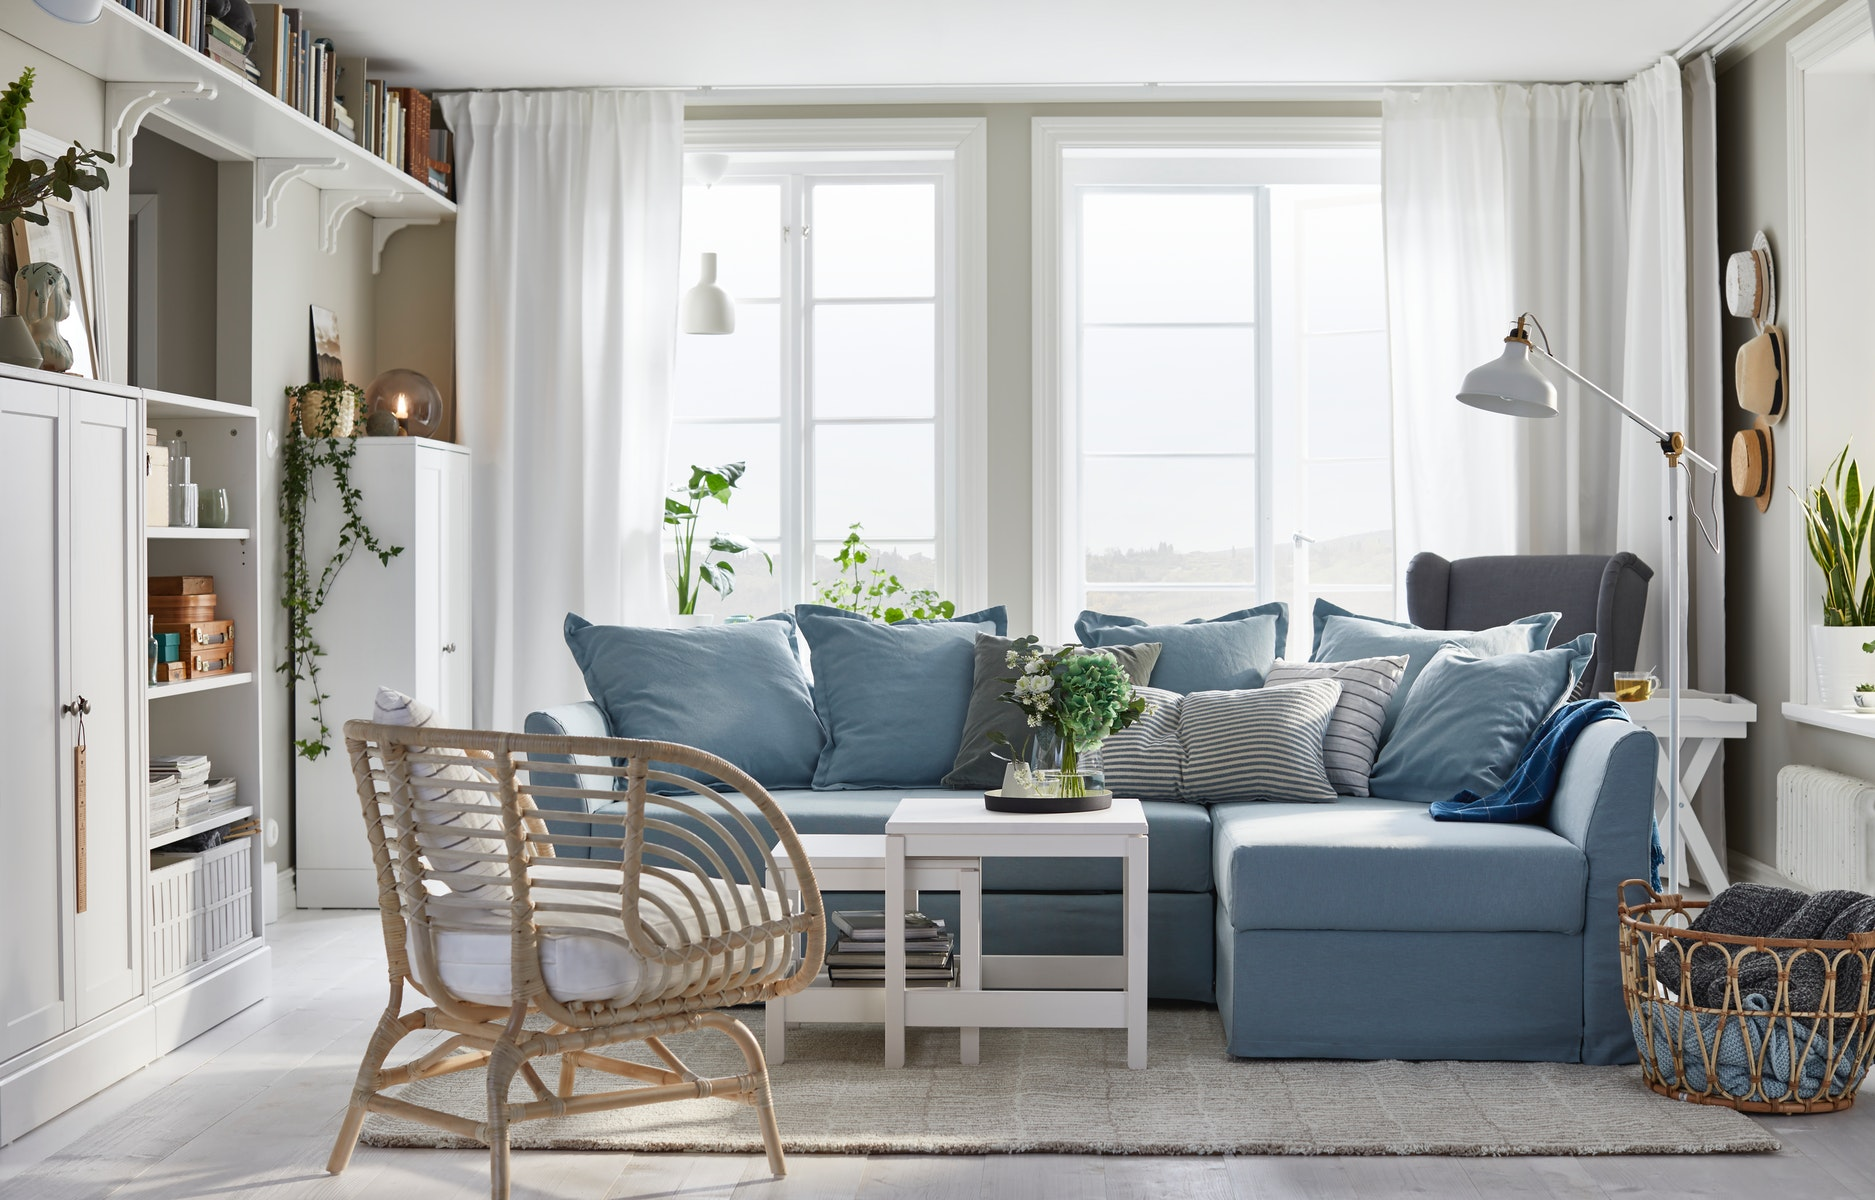 15 Solusi menata furniture rumah tangga untuk ruang terbatas